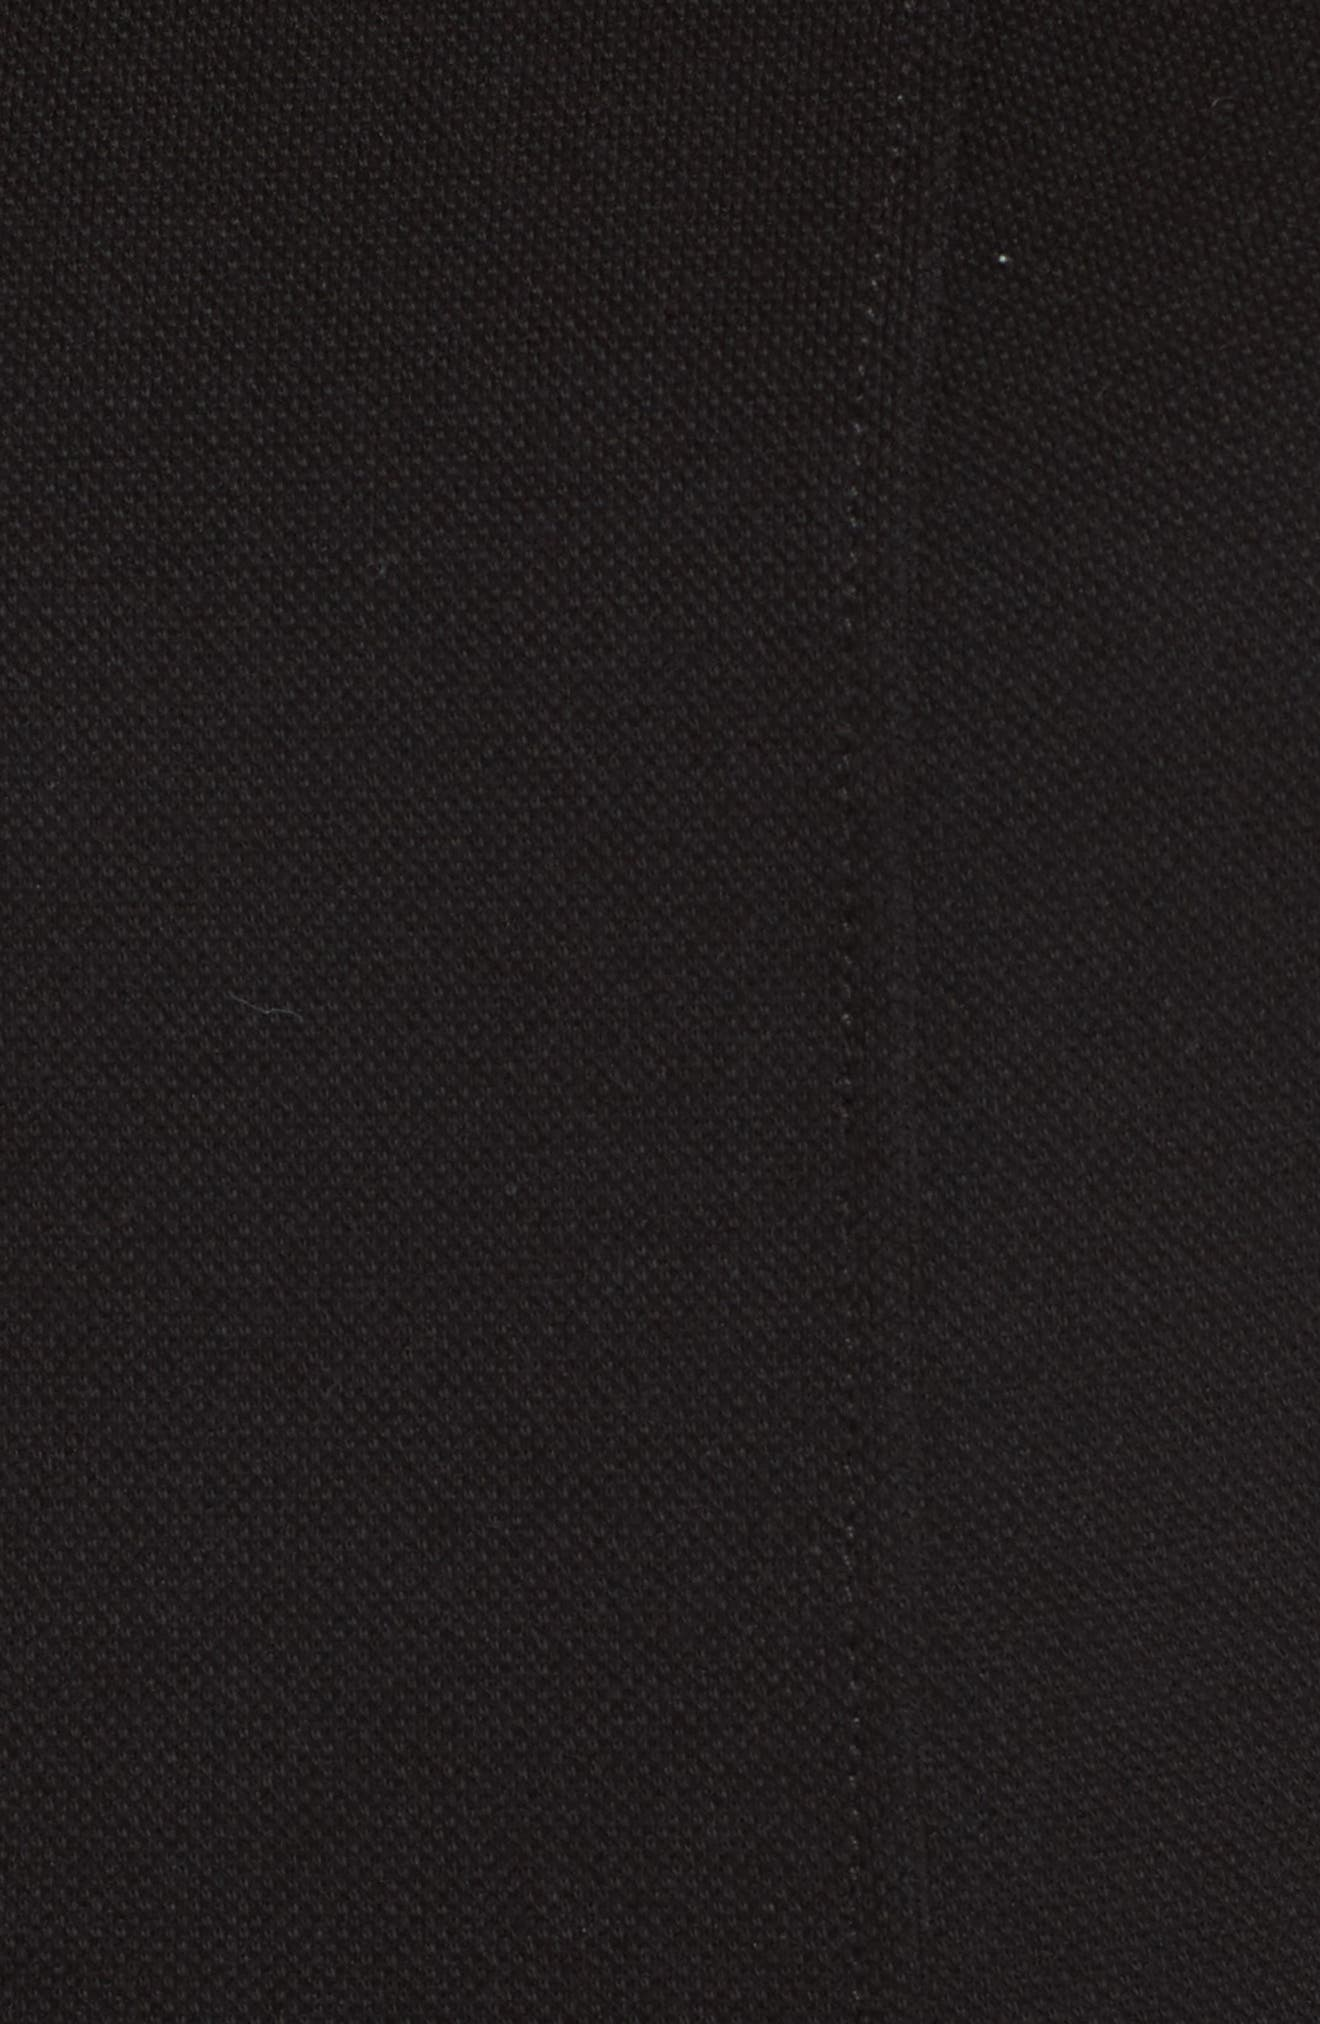 Piqué Fit & Flare Dress,                             Alternate thumbnail 5, color,                             Black